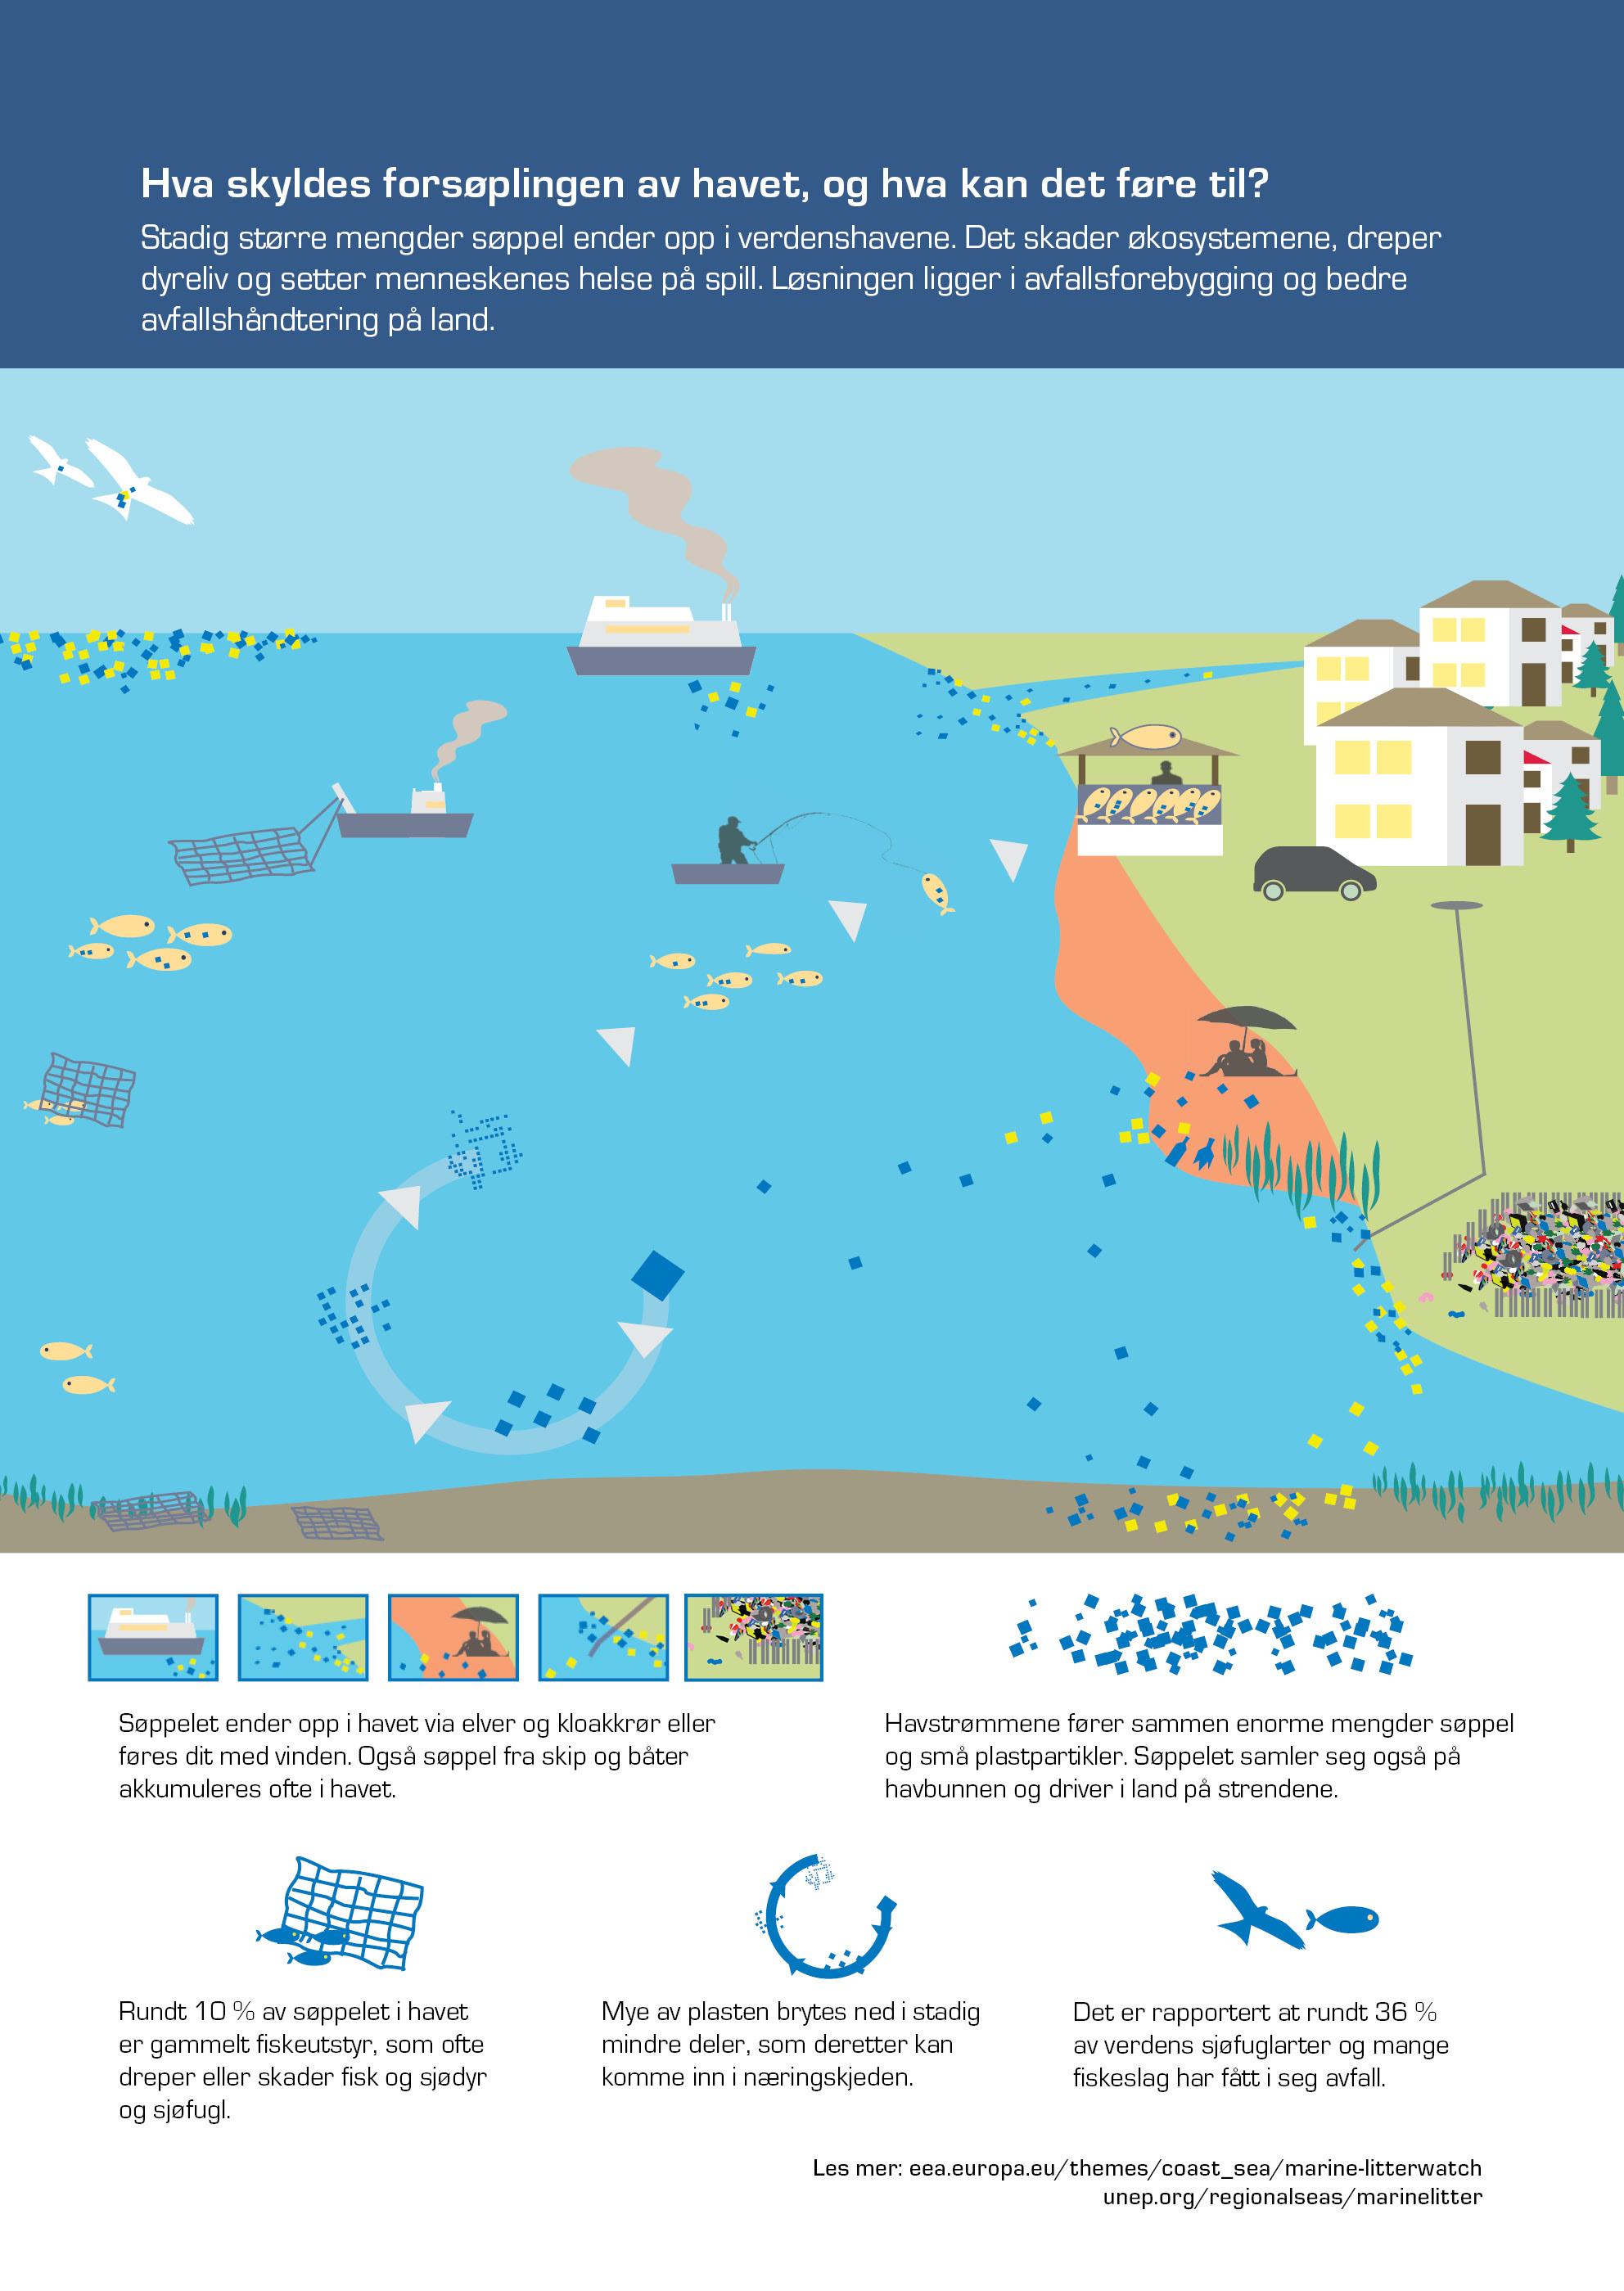 Hva skyldes forsøplingen av havet, og hva kan det føre til?